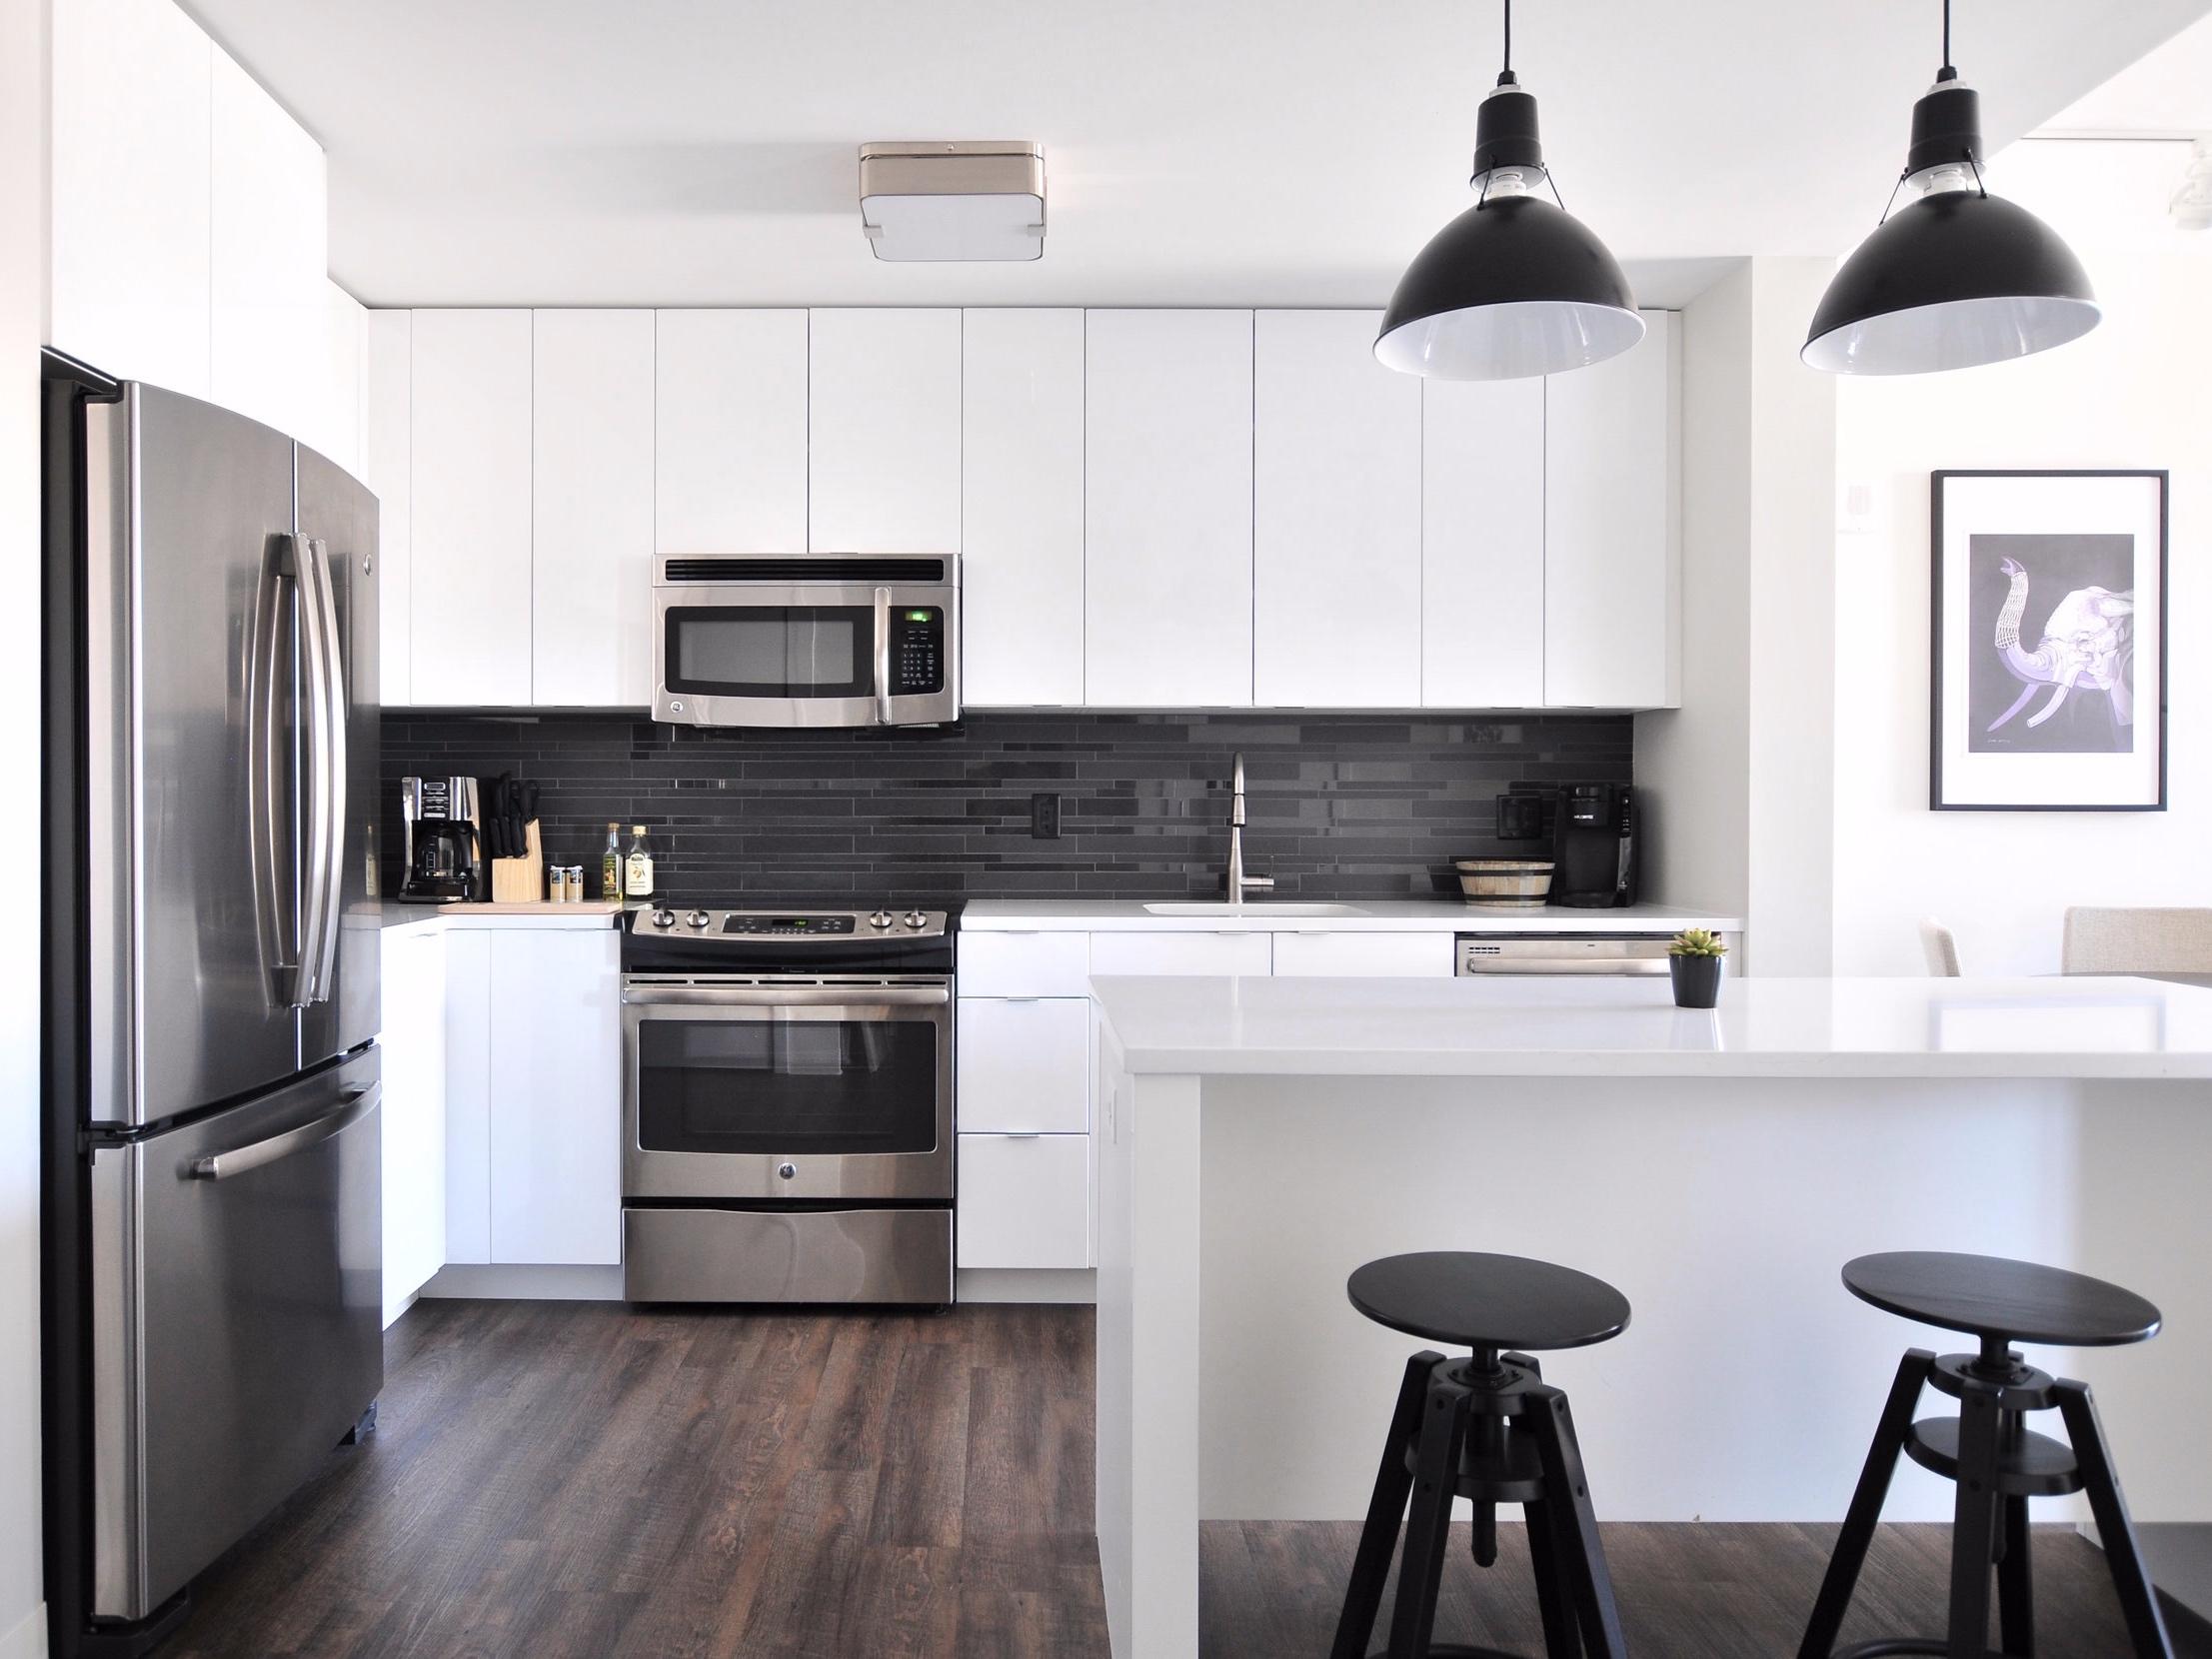 Einrichtung - Ihr Zuhause ist fast perfekt – die Inneneinrichtung fehlt noch? Wir übernehmen die Gestaltung Ihres neuen Zuhauses und stimmen es auf Ihre Bedürfnisse ab.